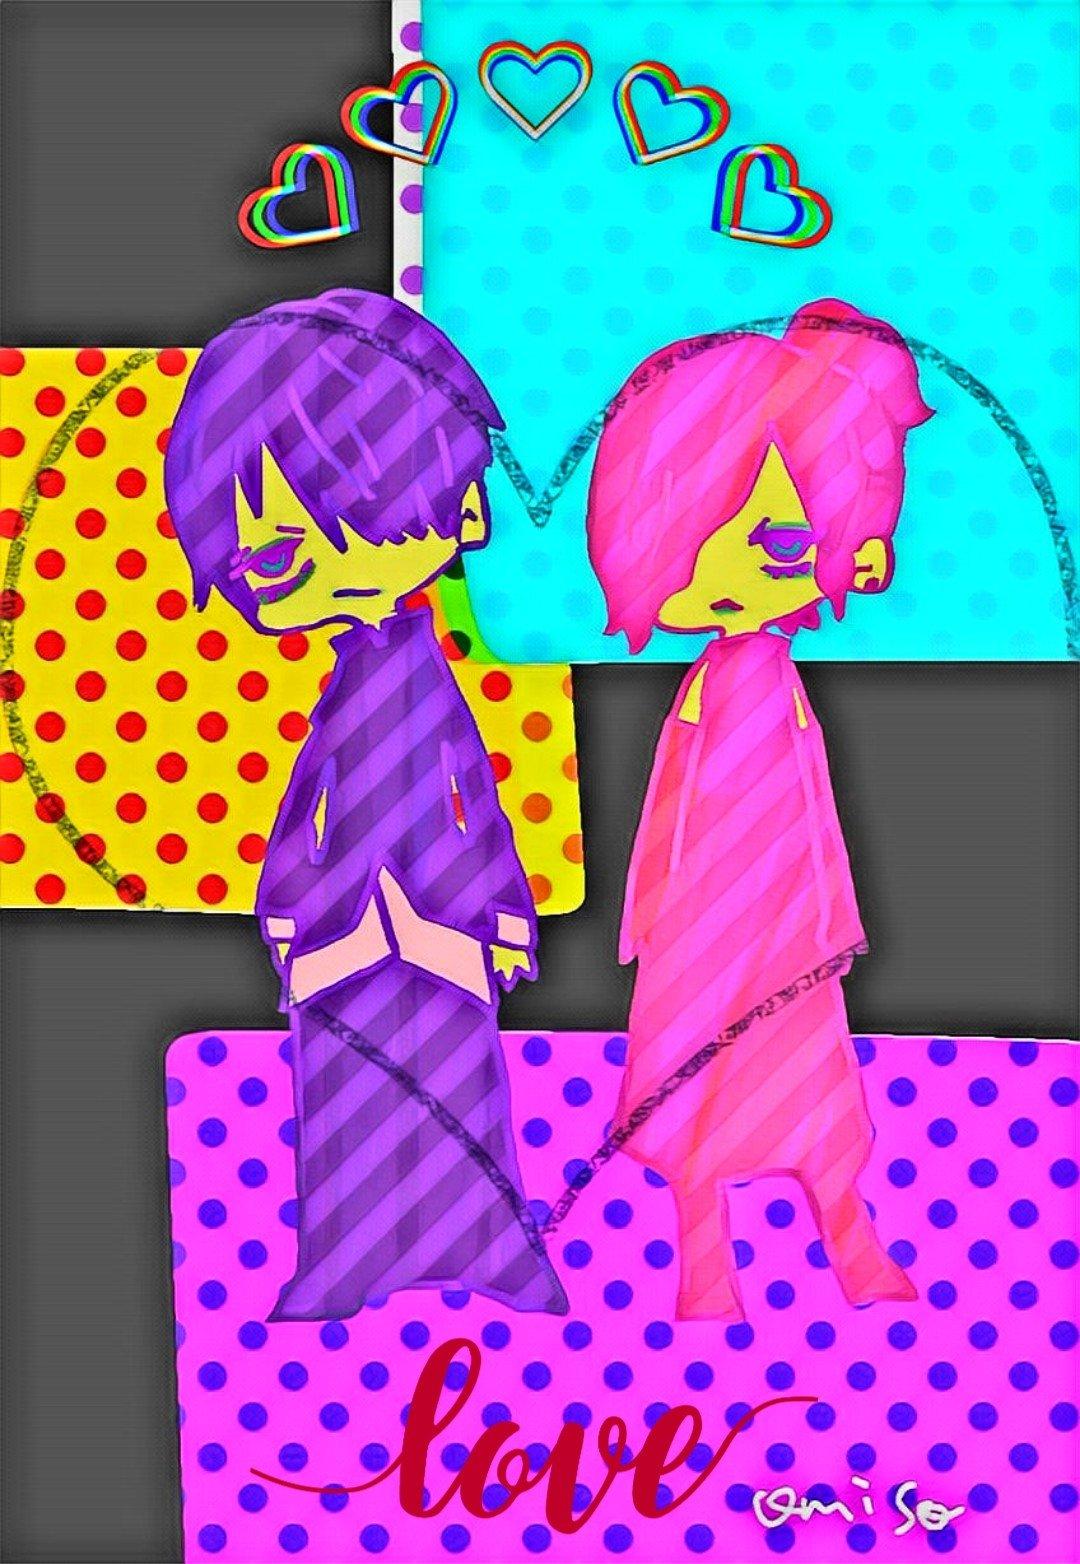 Art ID: 121746